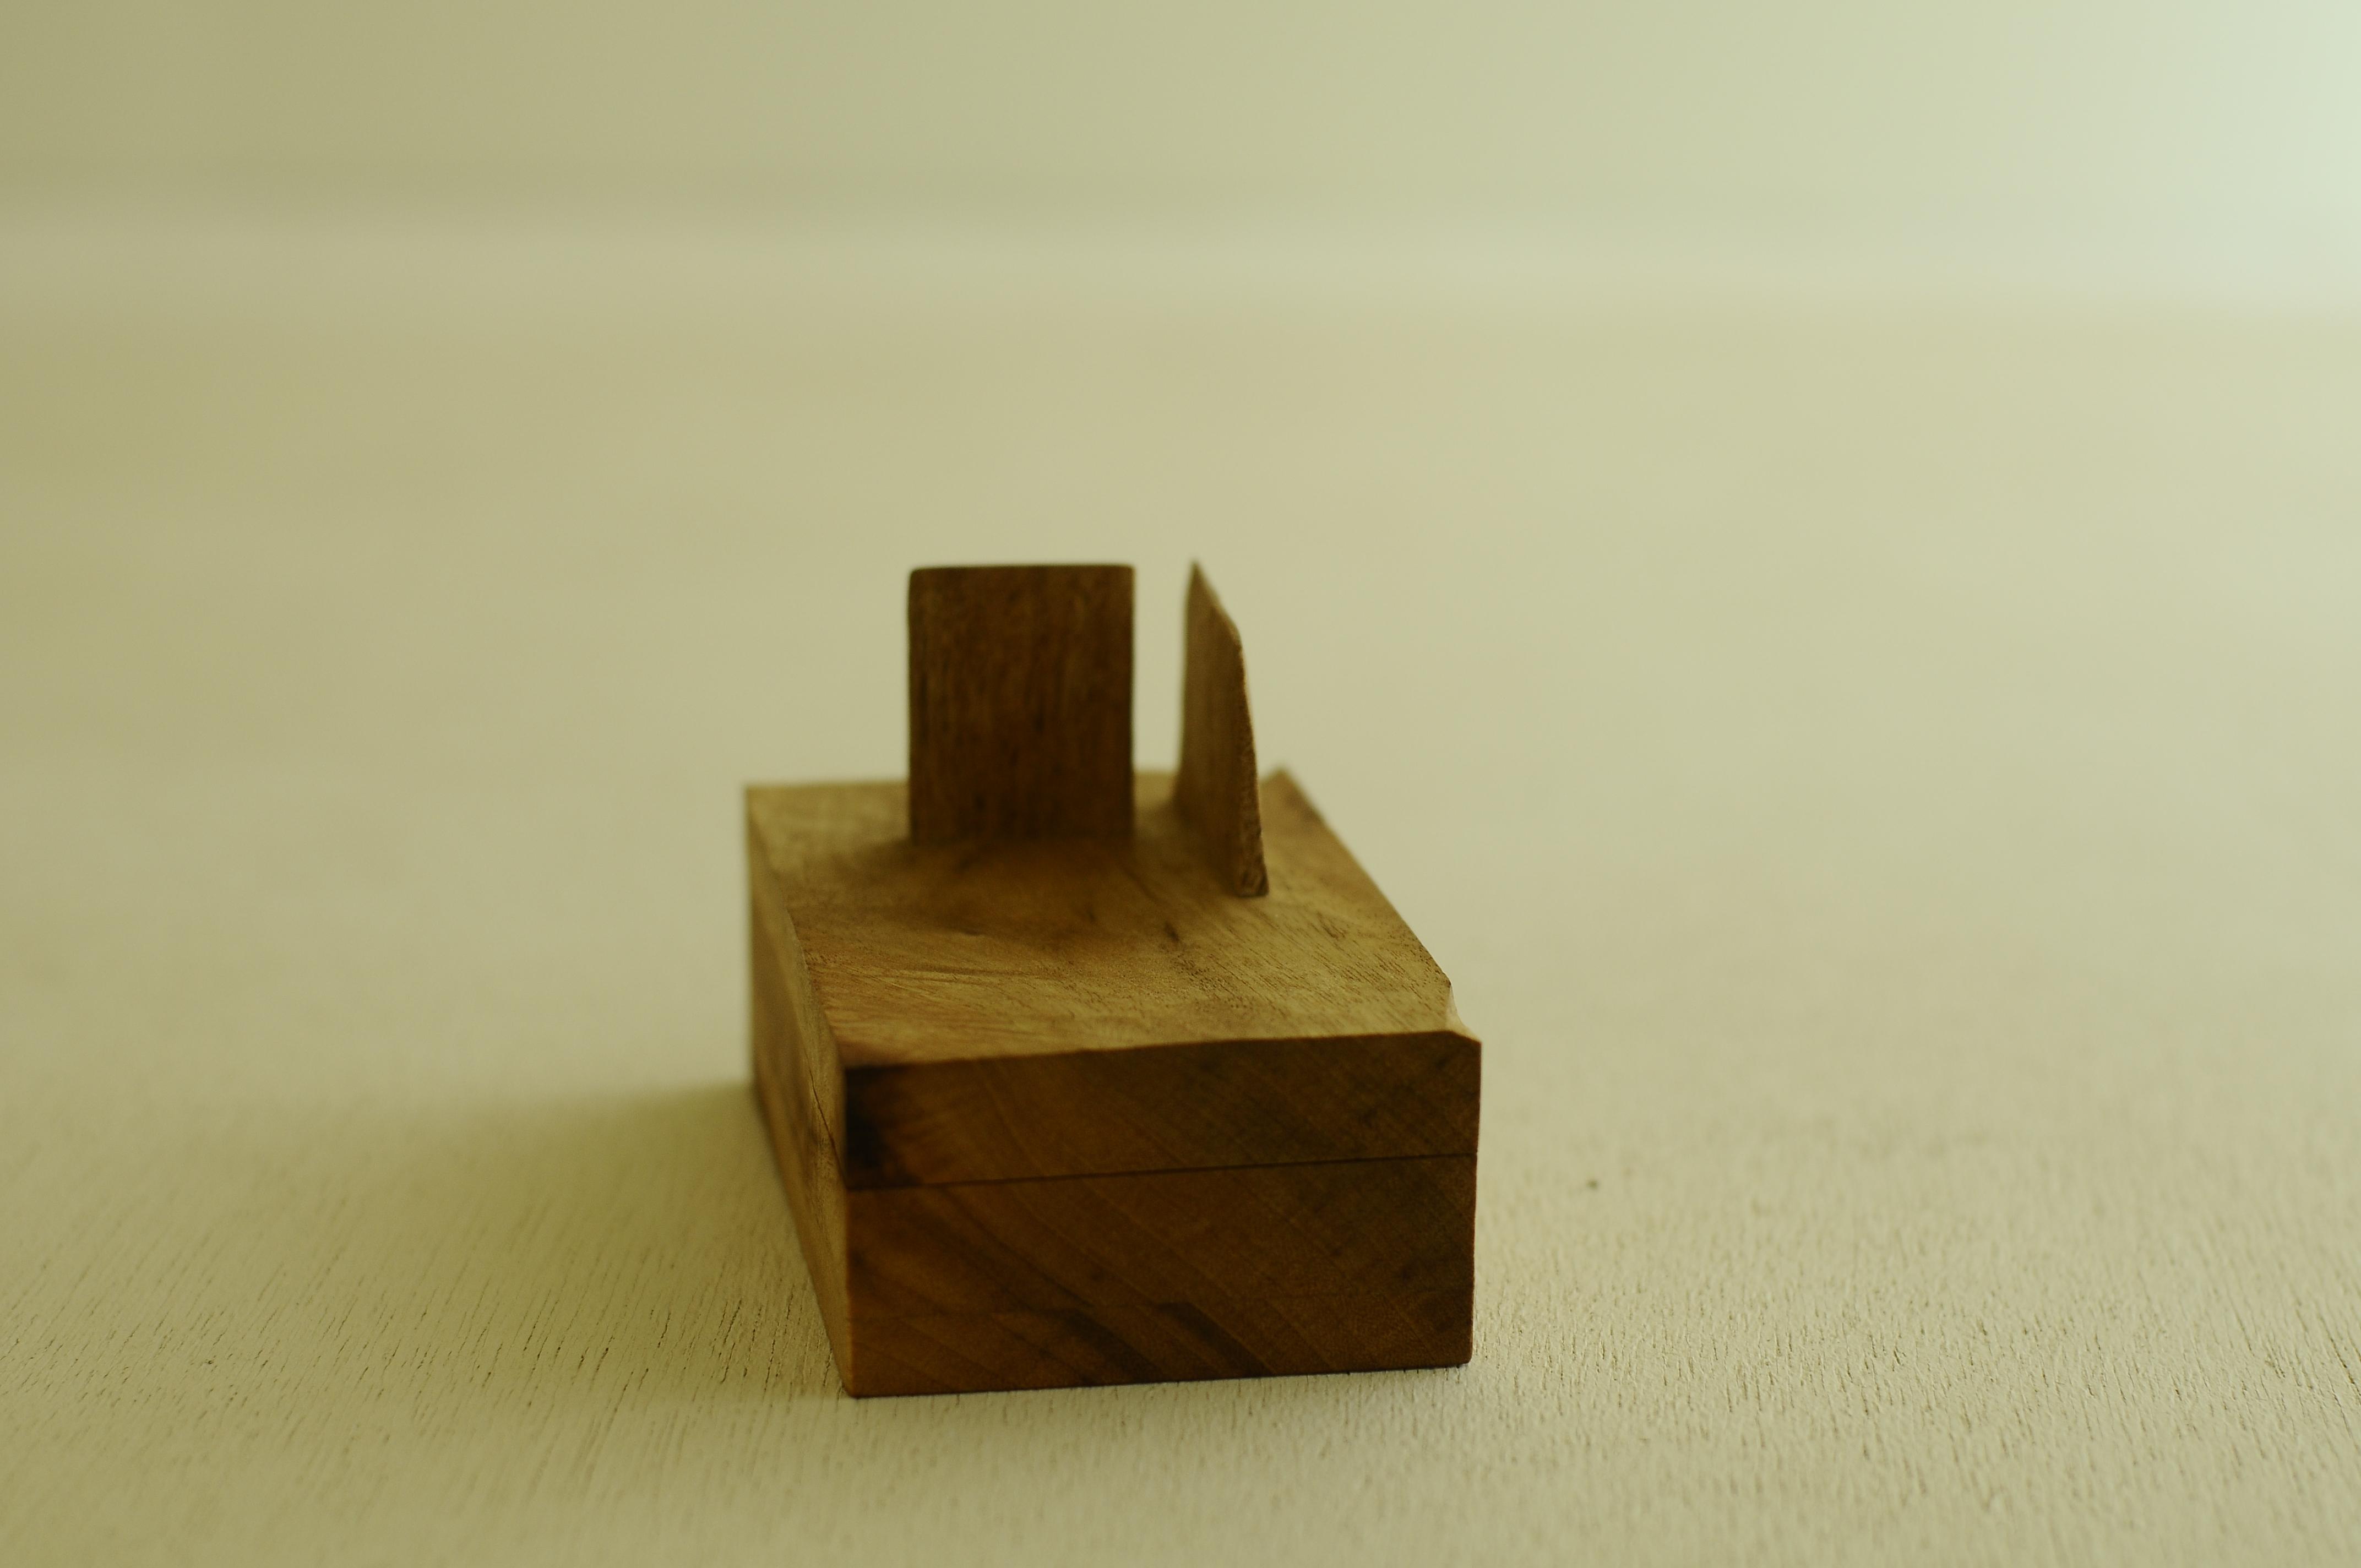 壁のある箱